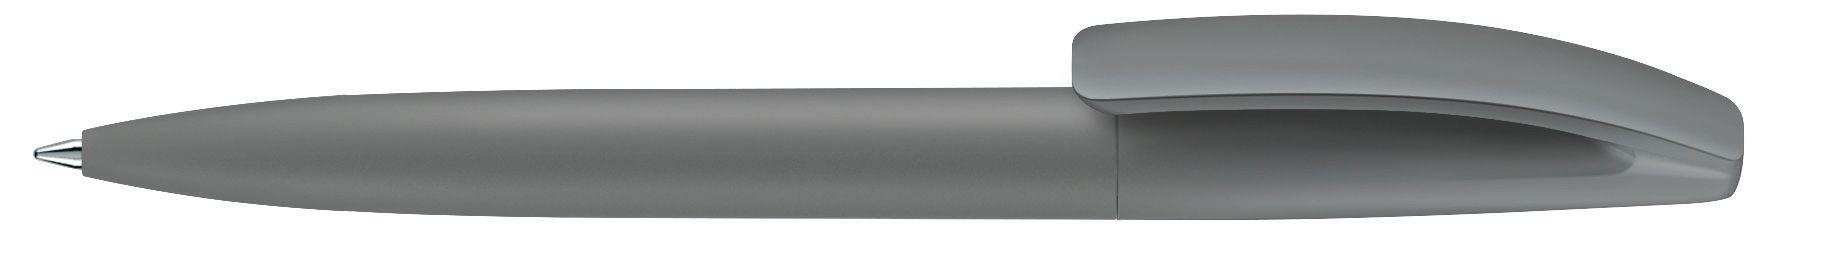 Stylo à bille Bridge soft Touch personnalisé vert